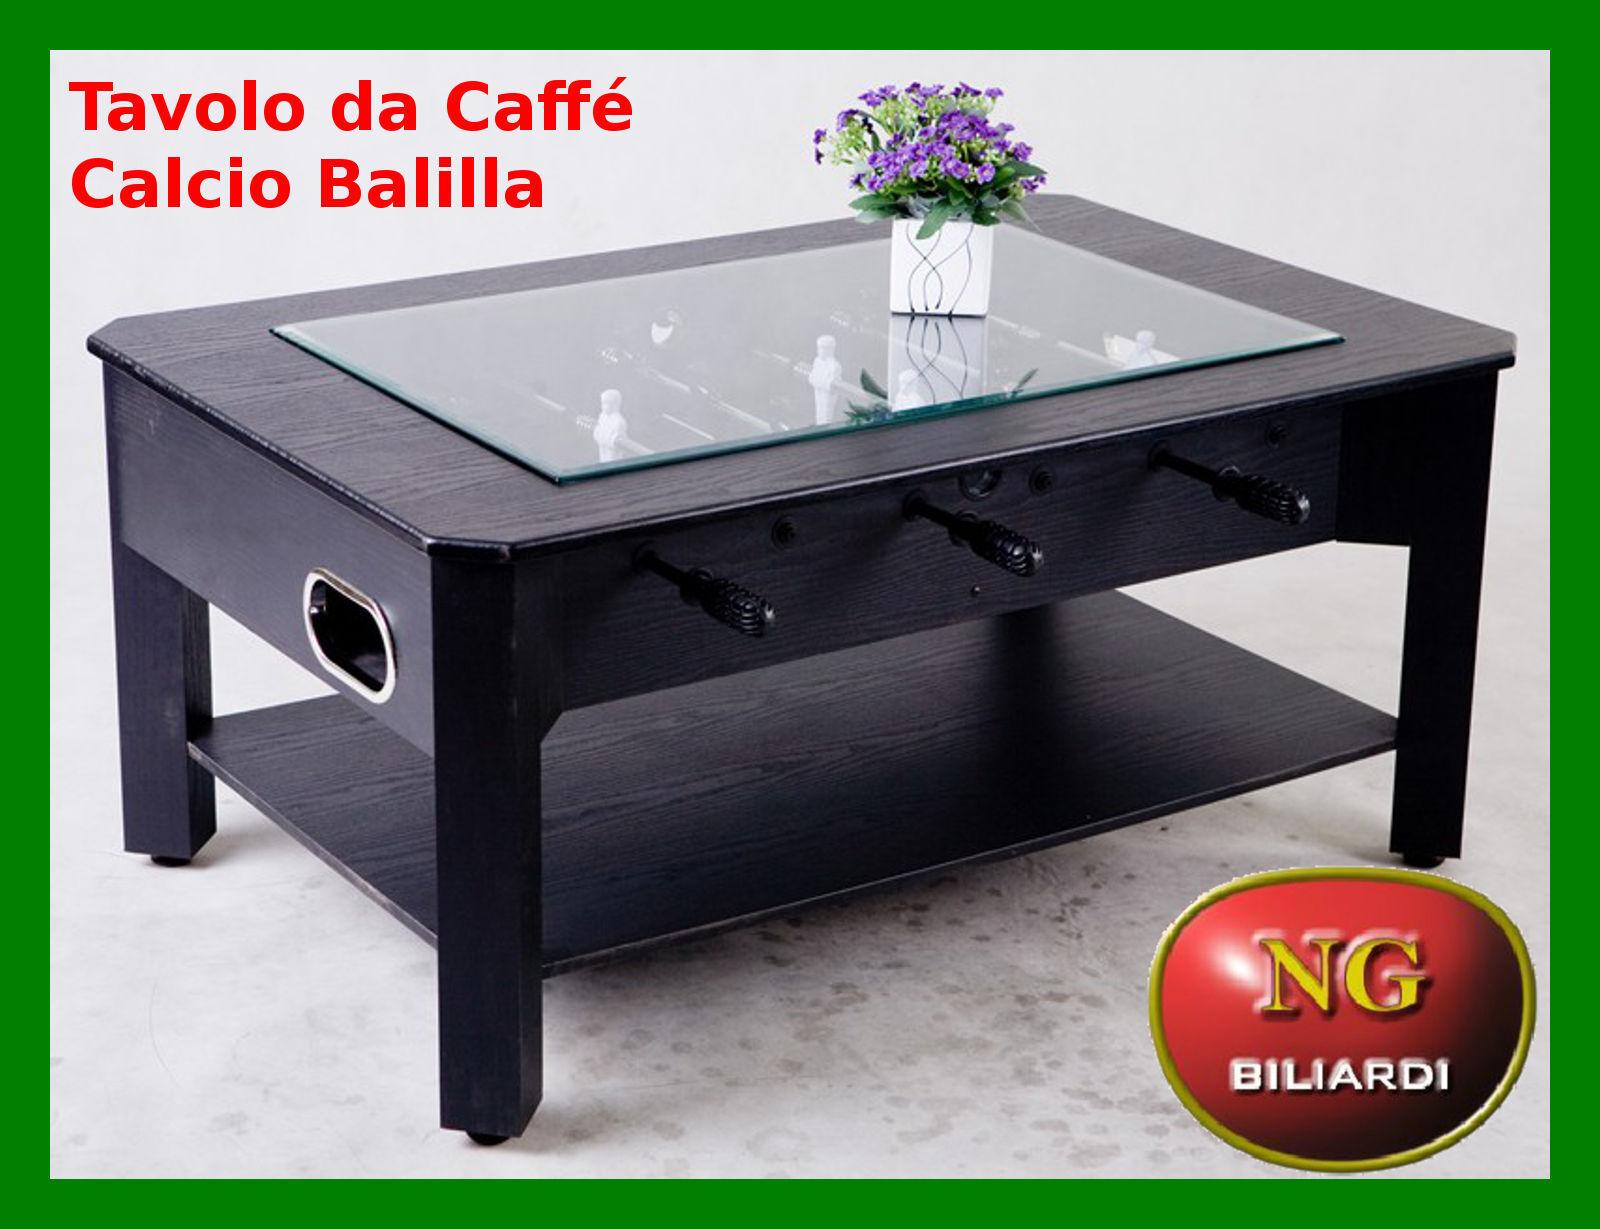 Riley Biliardino Calcetto Balilla Calcio Balilla Professionale Tavolo Calcetto